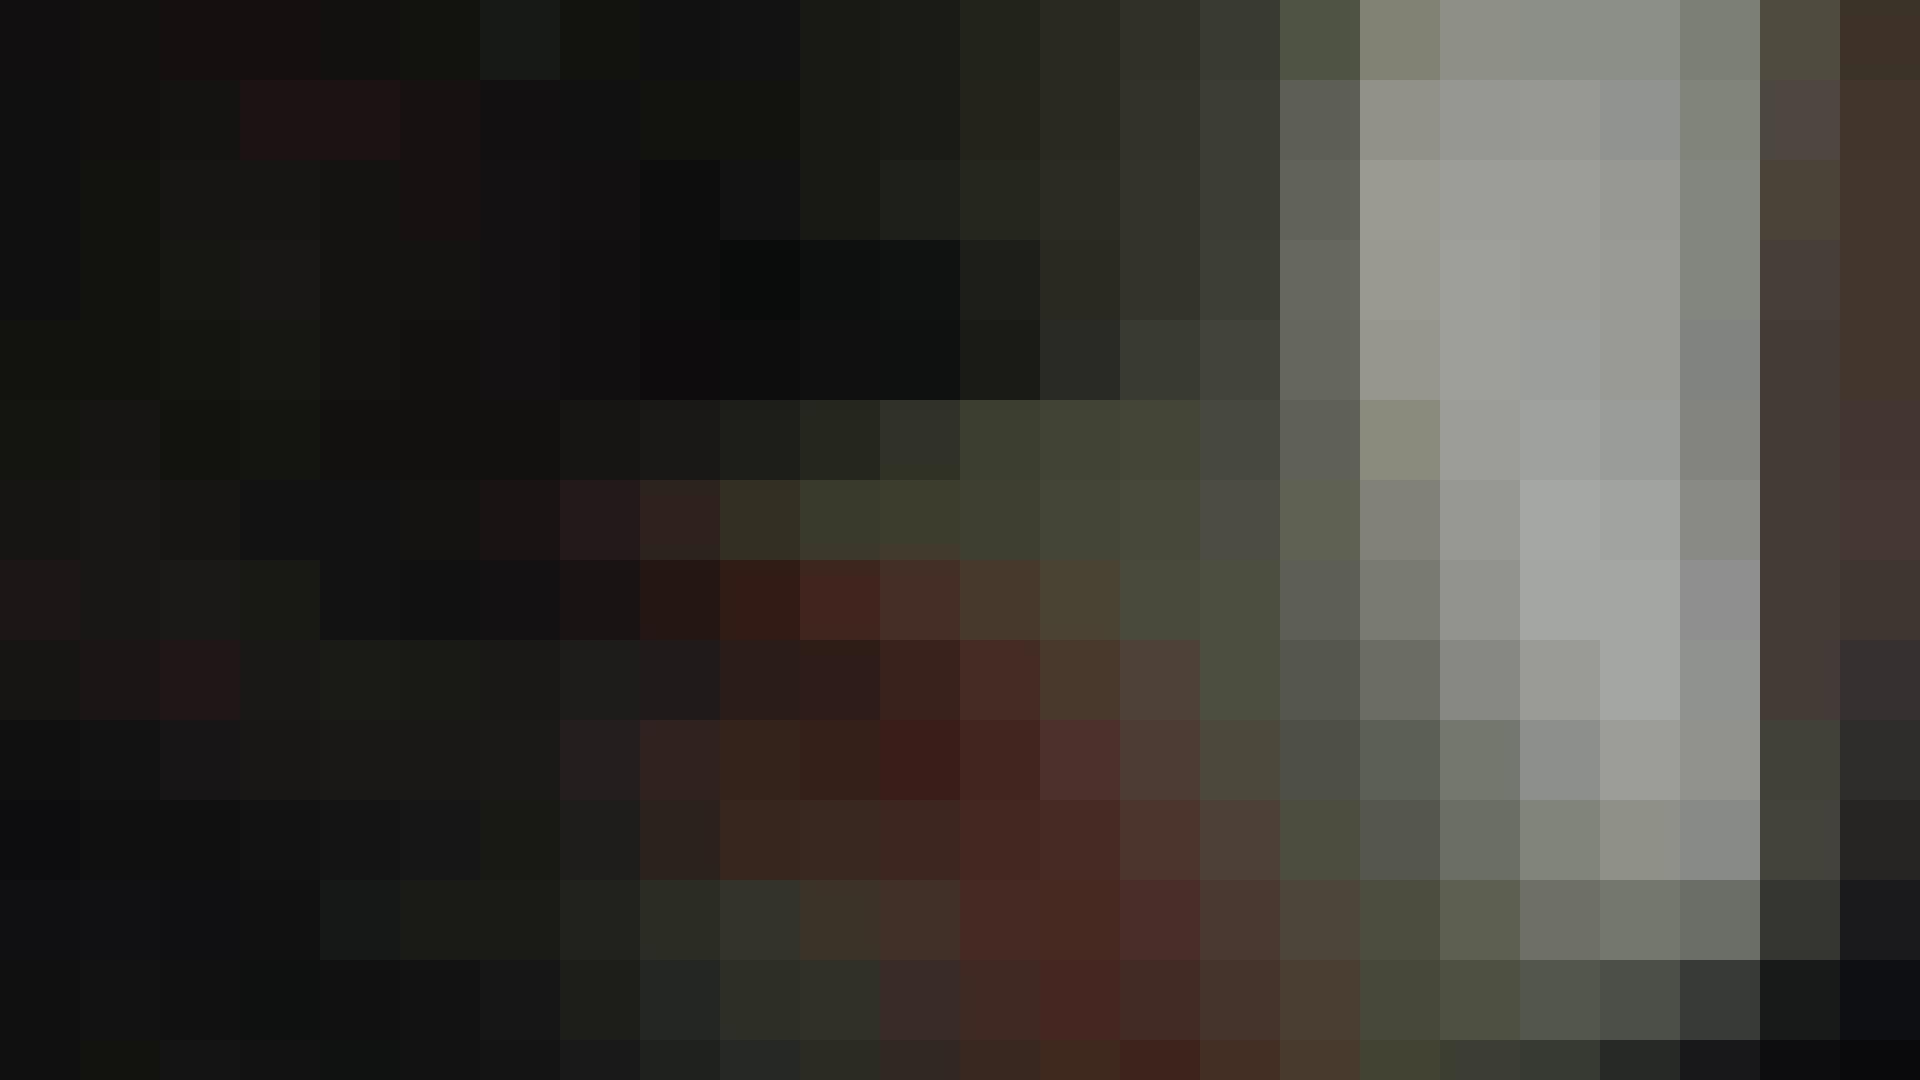 阿国ちゃんの「和式洋式七変化」No.18 iBO(フタコブ) 和式  68PIX 40